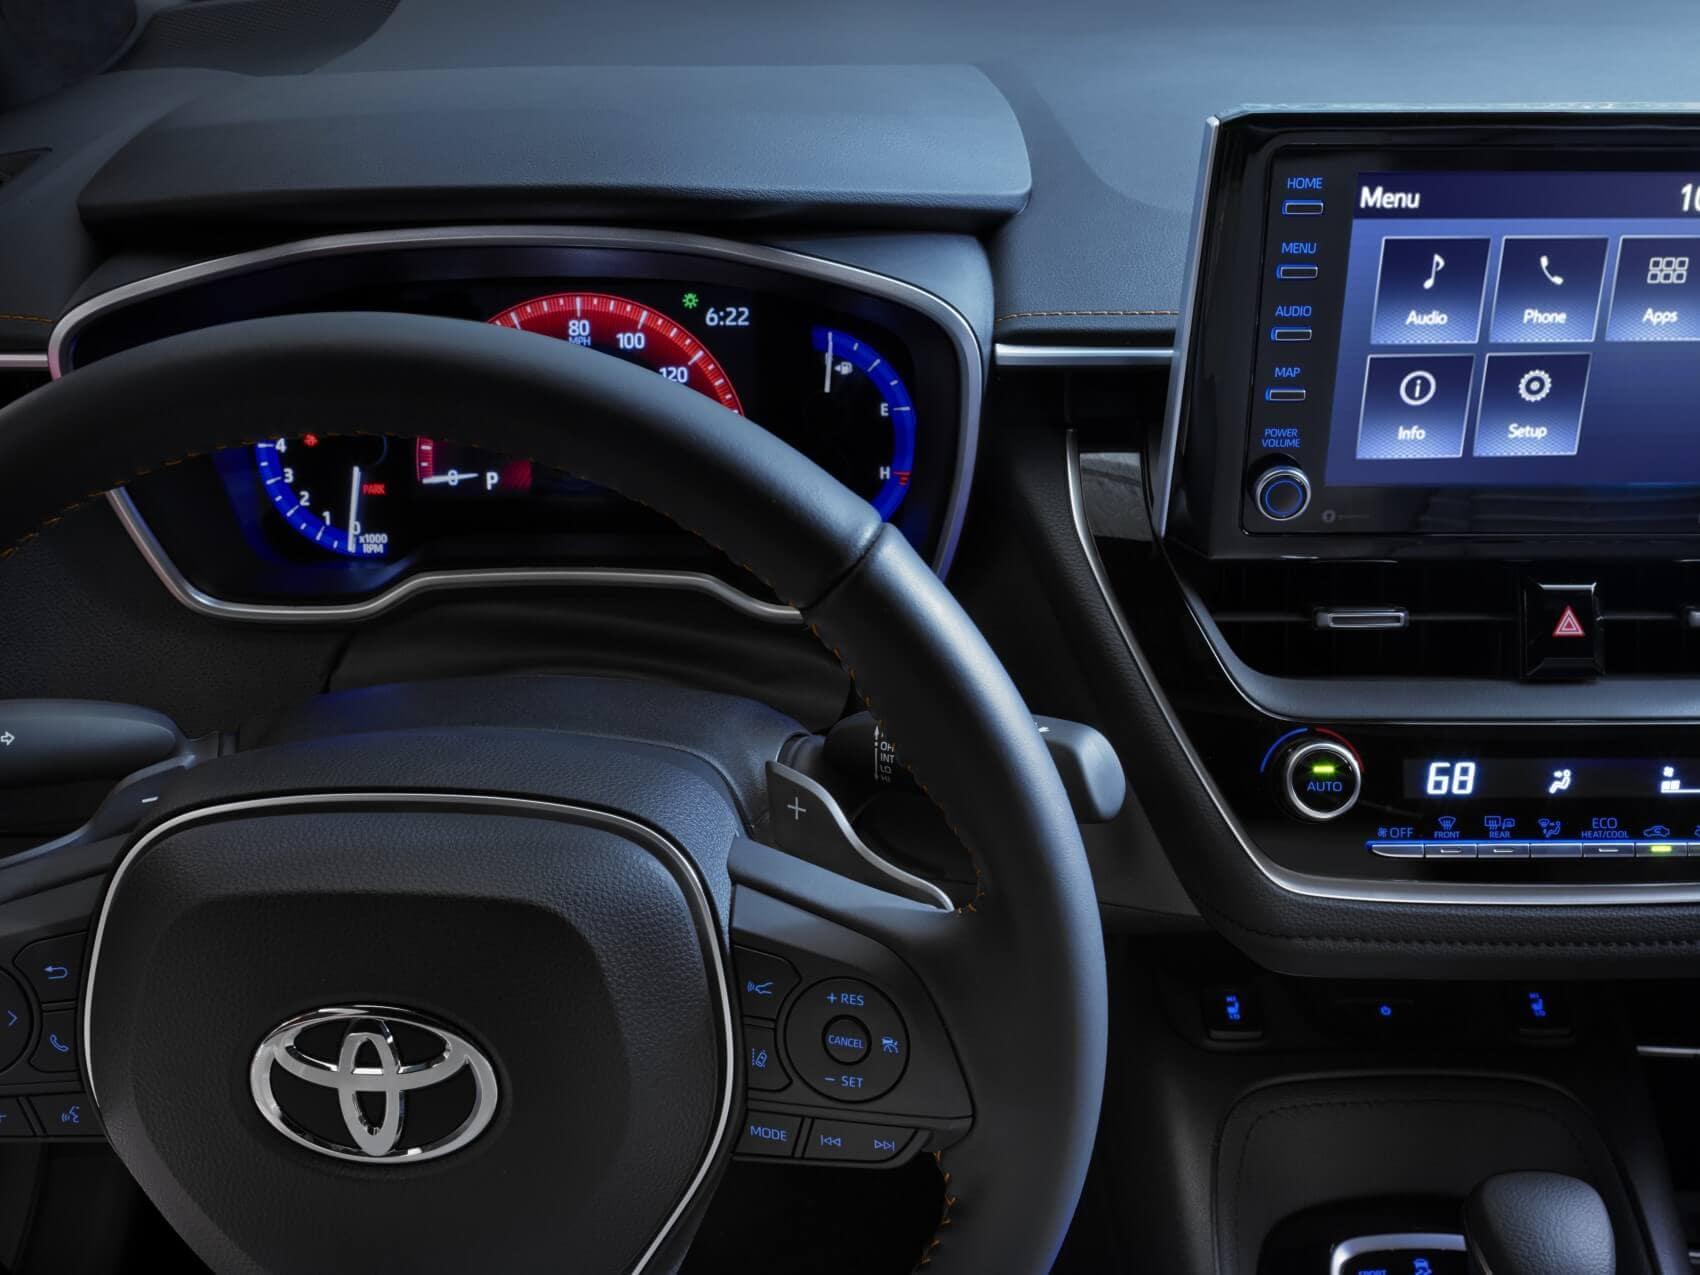 Toyota Corolla Trim Levels